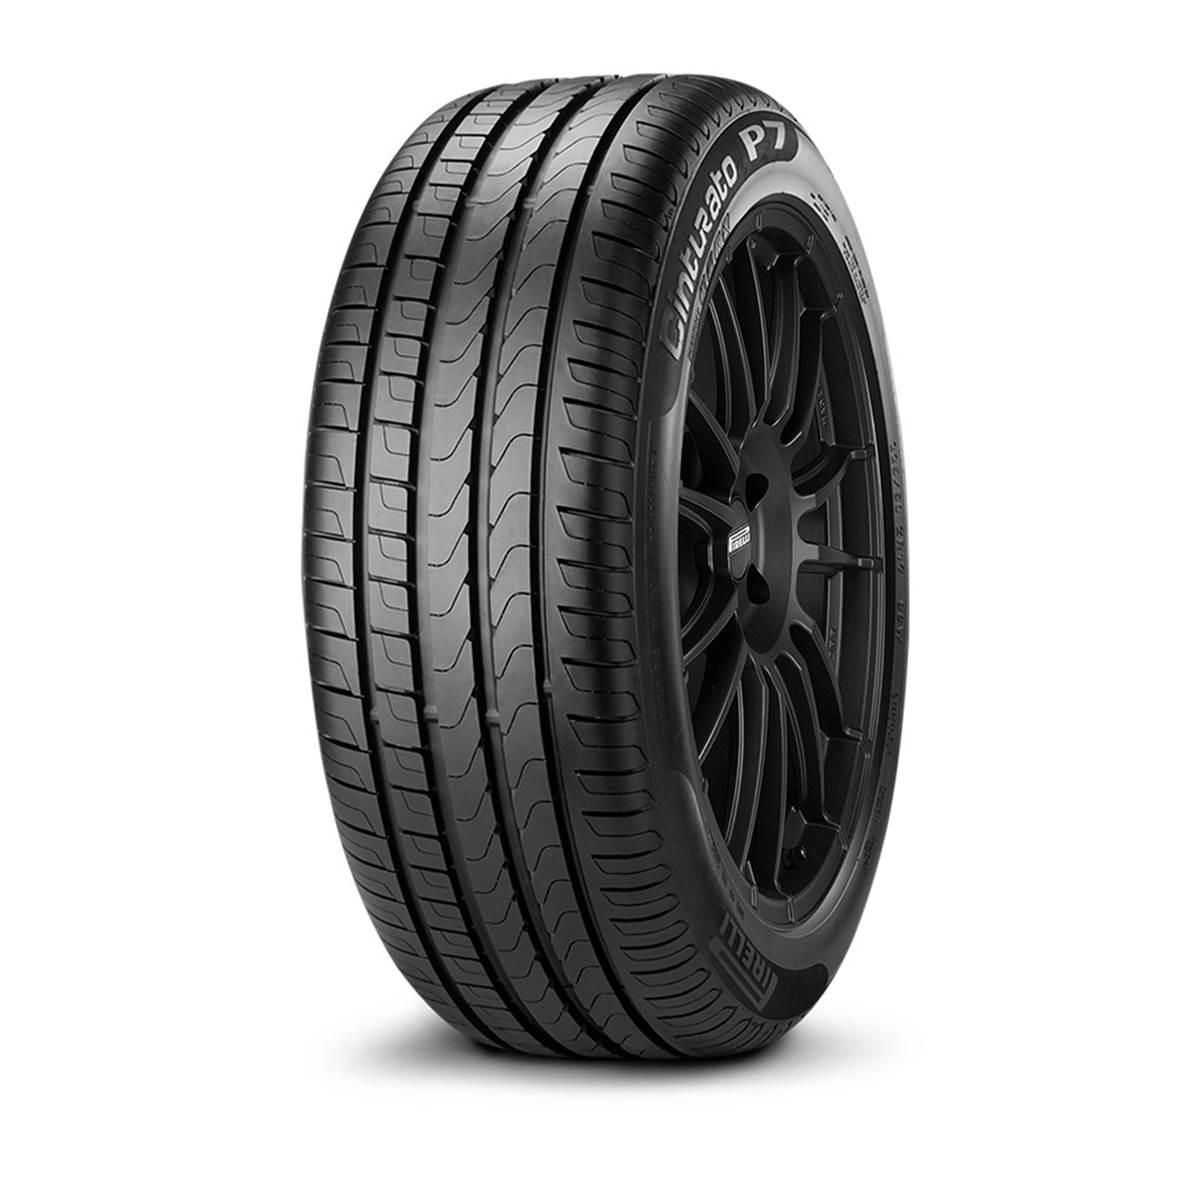 Pneu Runflat Pirelli 275/45R18 103W Cinturato P7